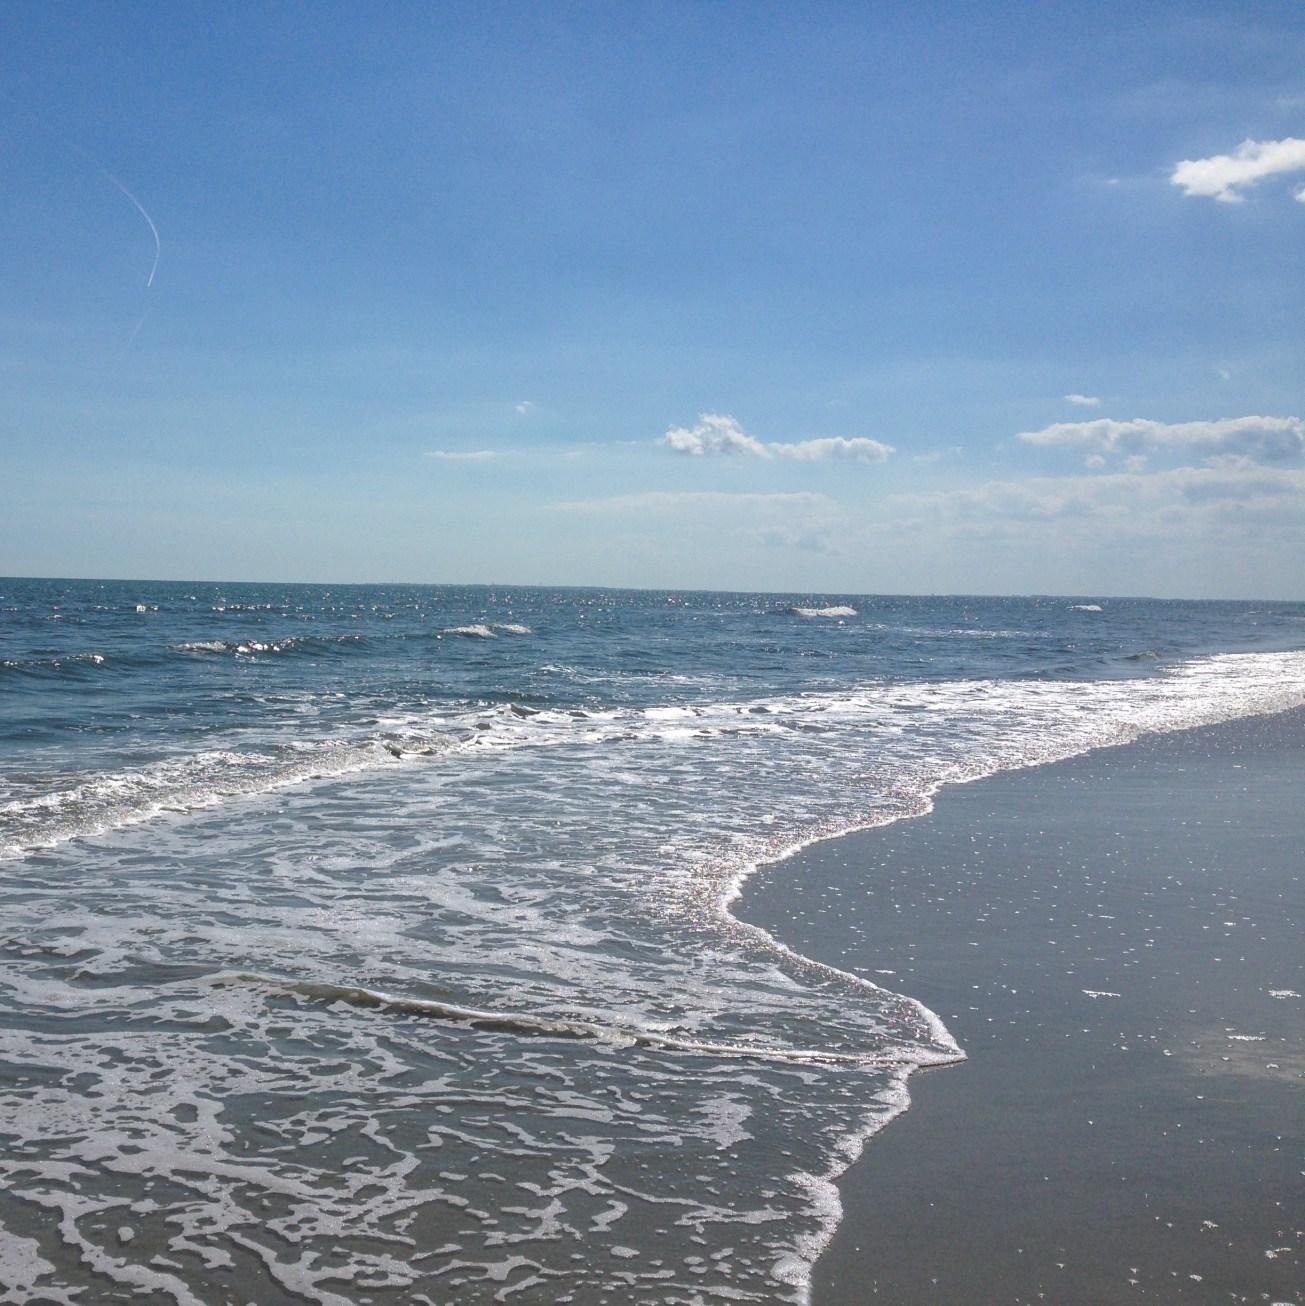 IMG_9437-001 hhi calm beach gall ocean arc